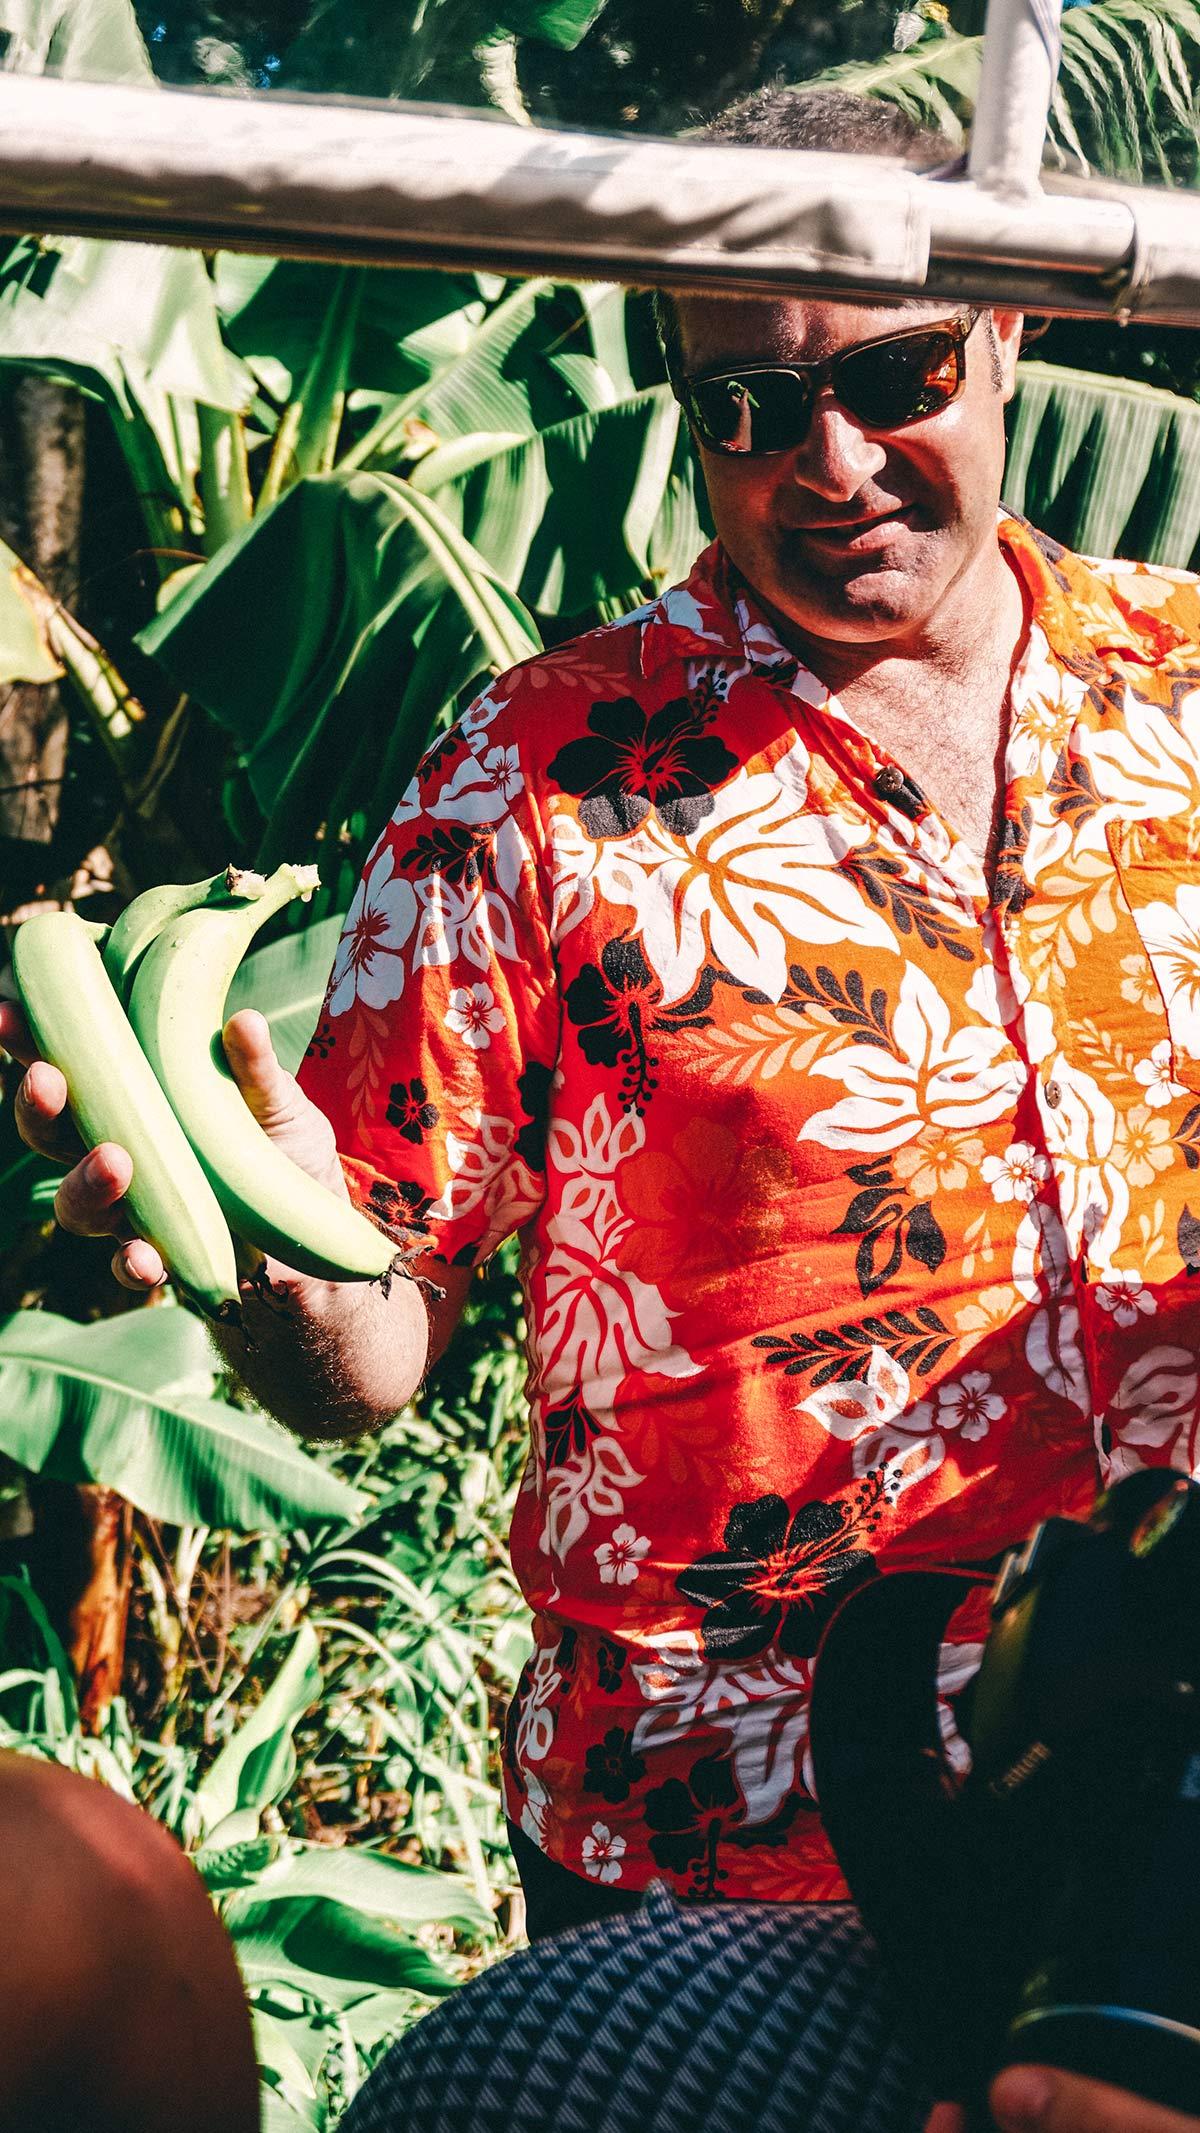 Kostprobe frischer Bananen